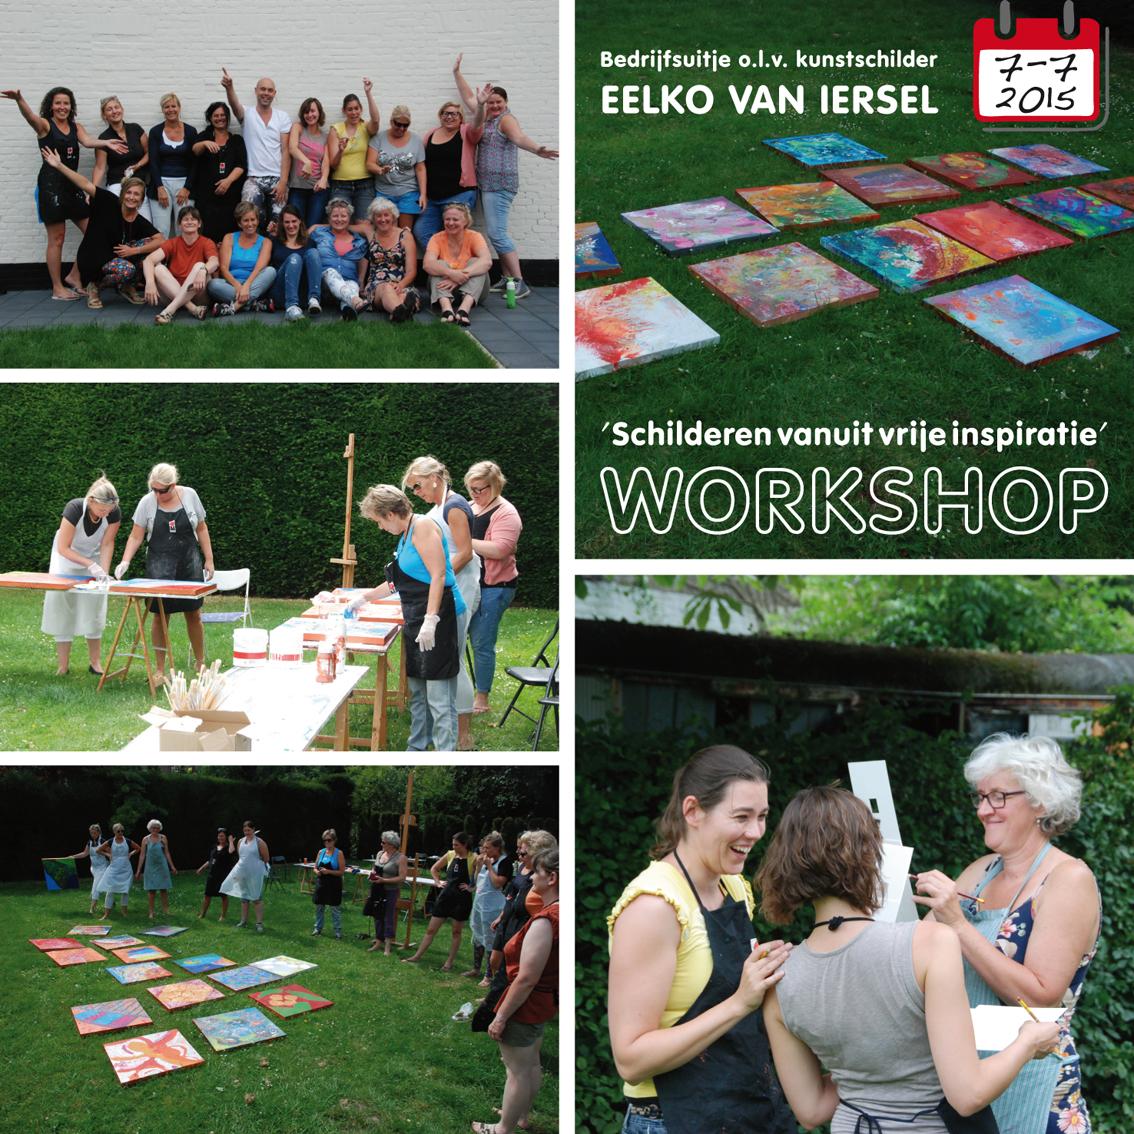 workshop-schilderen-bedrijfsuitje